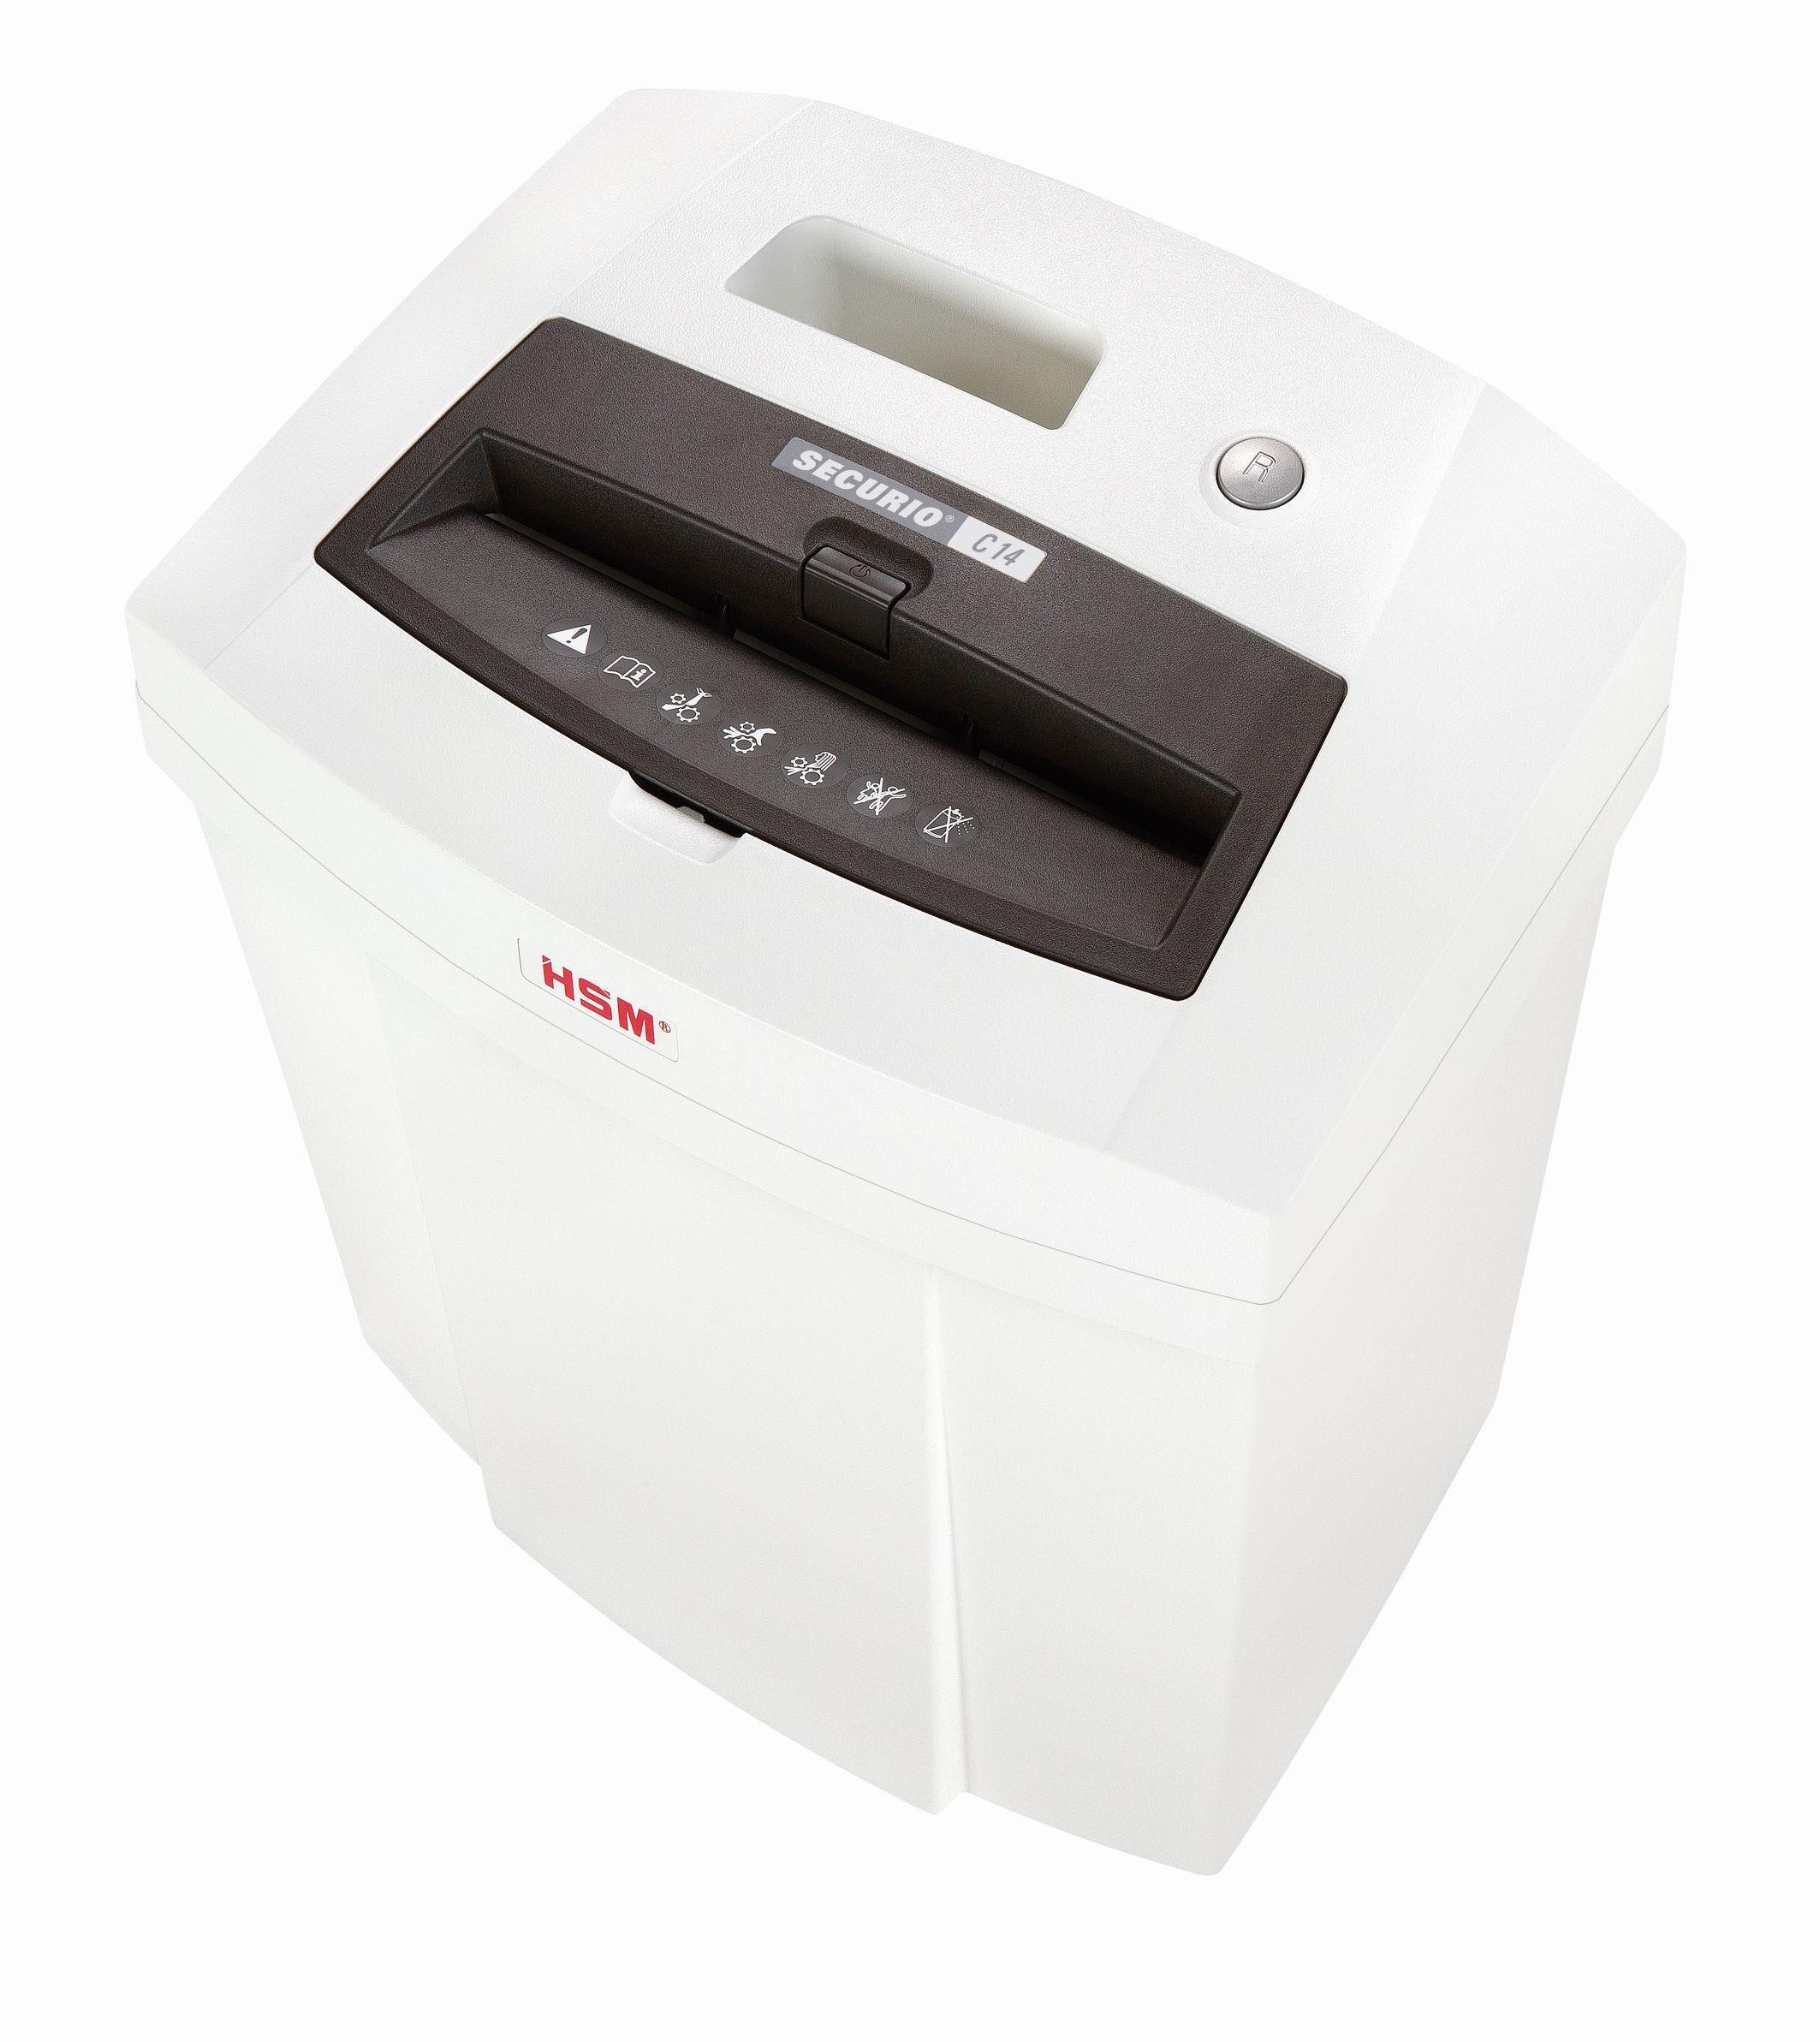 HSM-SECURIO-C14-P3-JPG